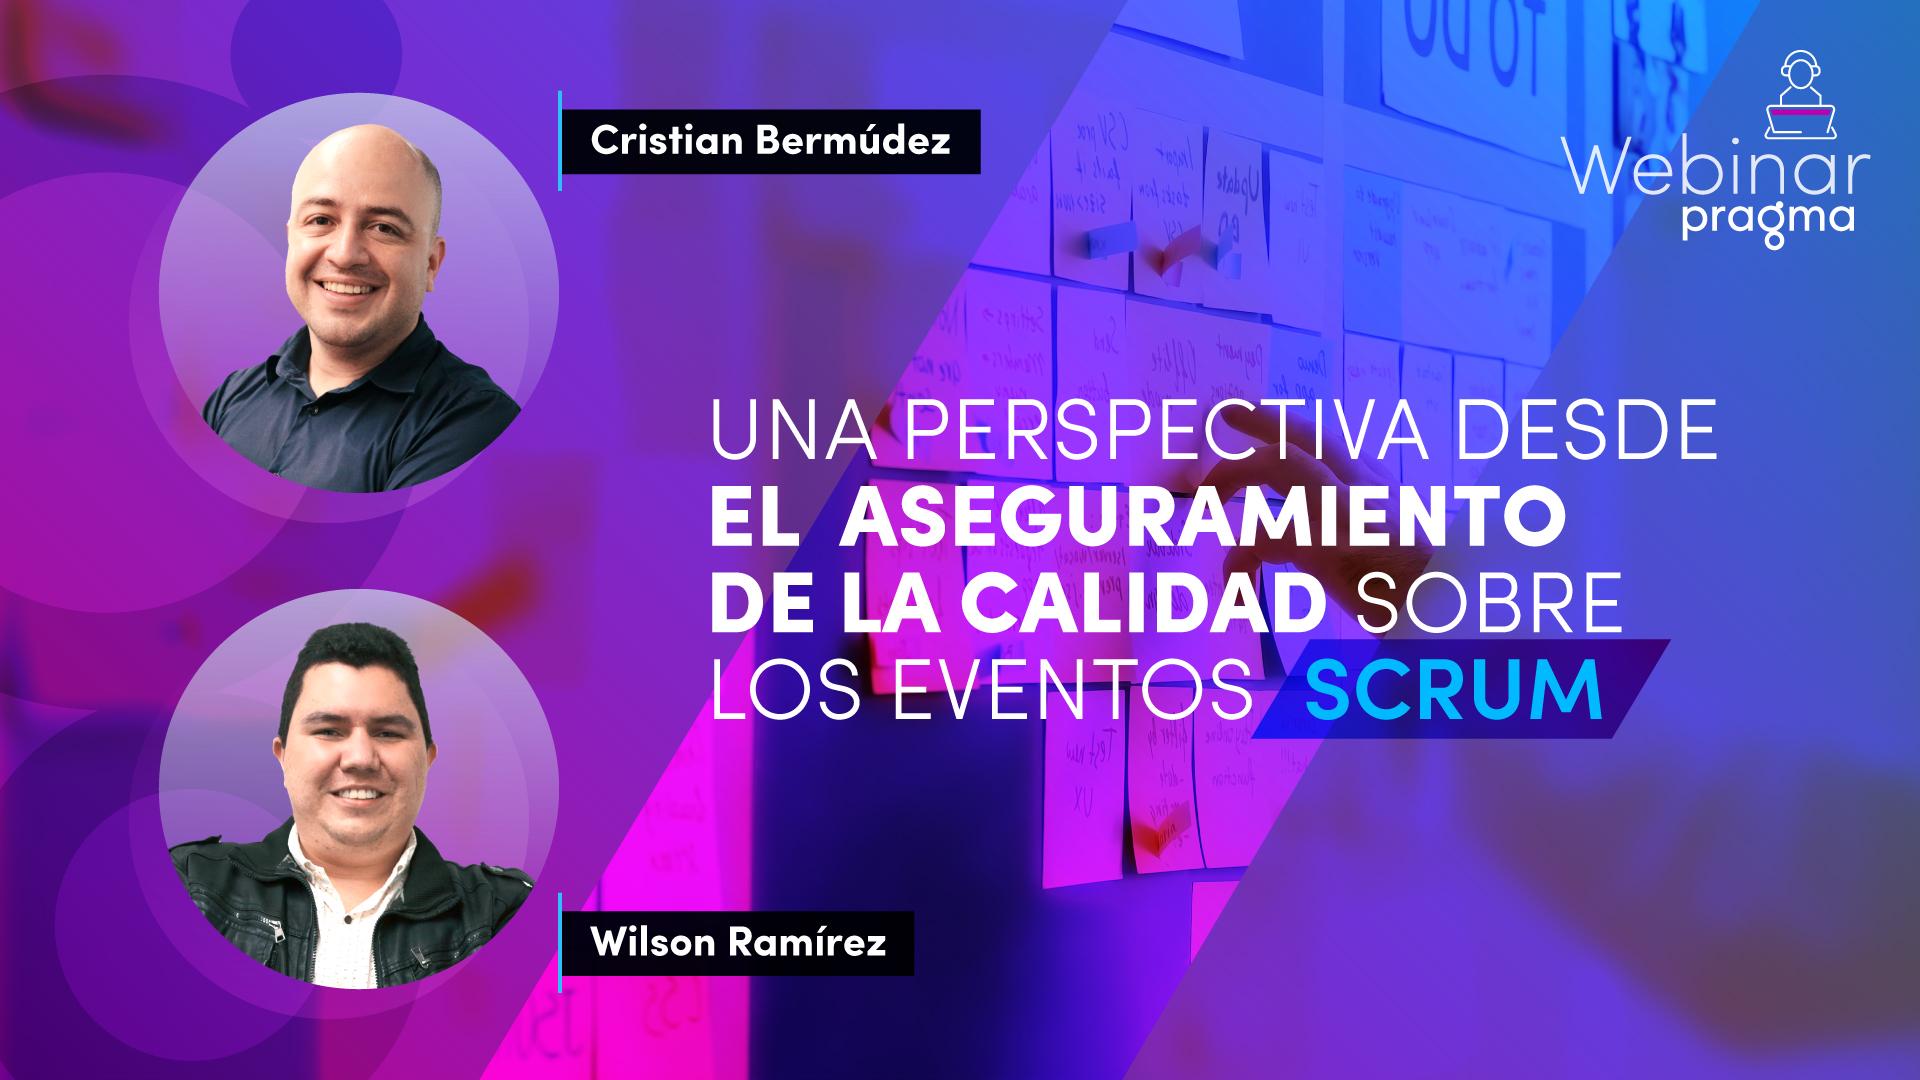 BANNER_ACADEMIA_una_perspectiva_desde_el_aseguramiento_de_la_calidad_sobre_los_eventos_scrum-